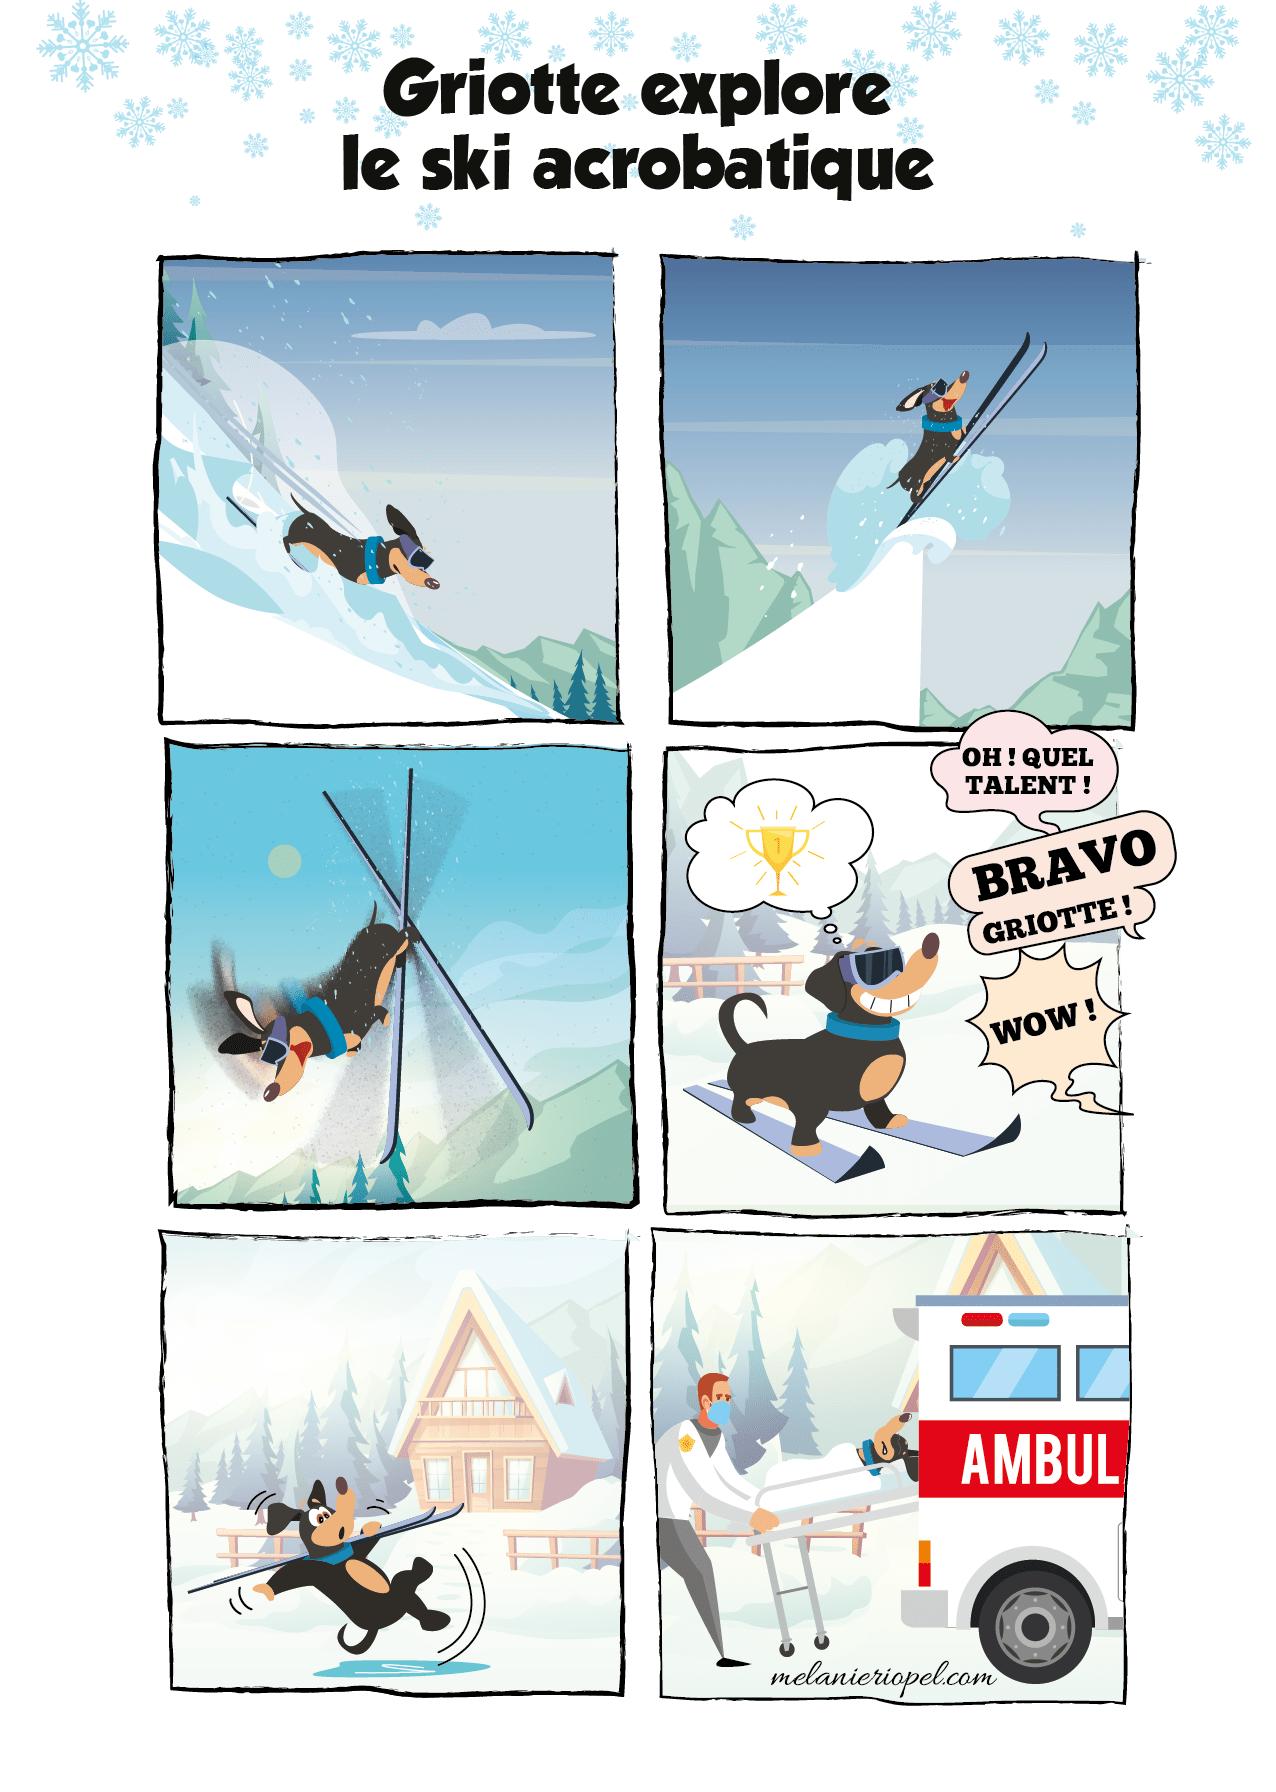 BD d'un teckel qui fait du ski acrobatique comme une championne puis glisse sur de la glace et part en ambulance